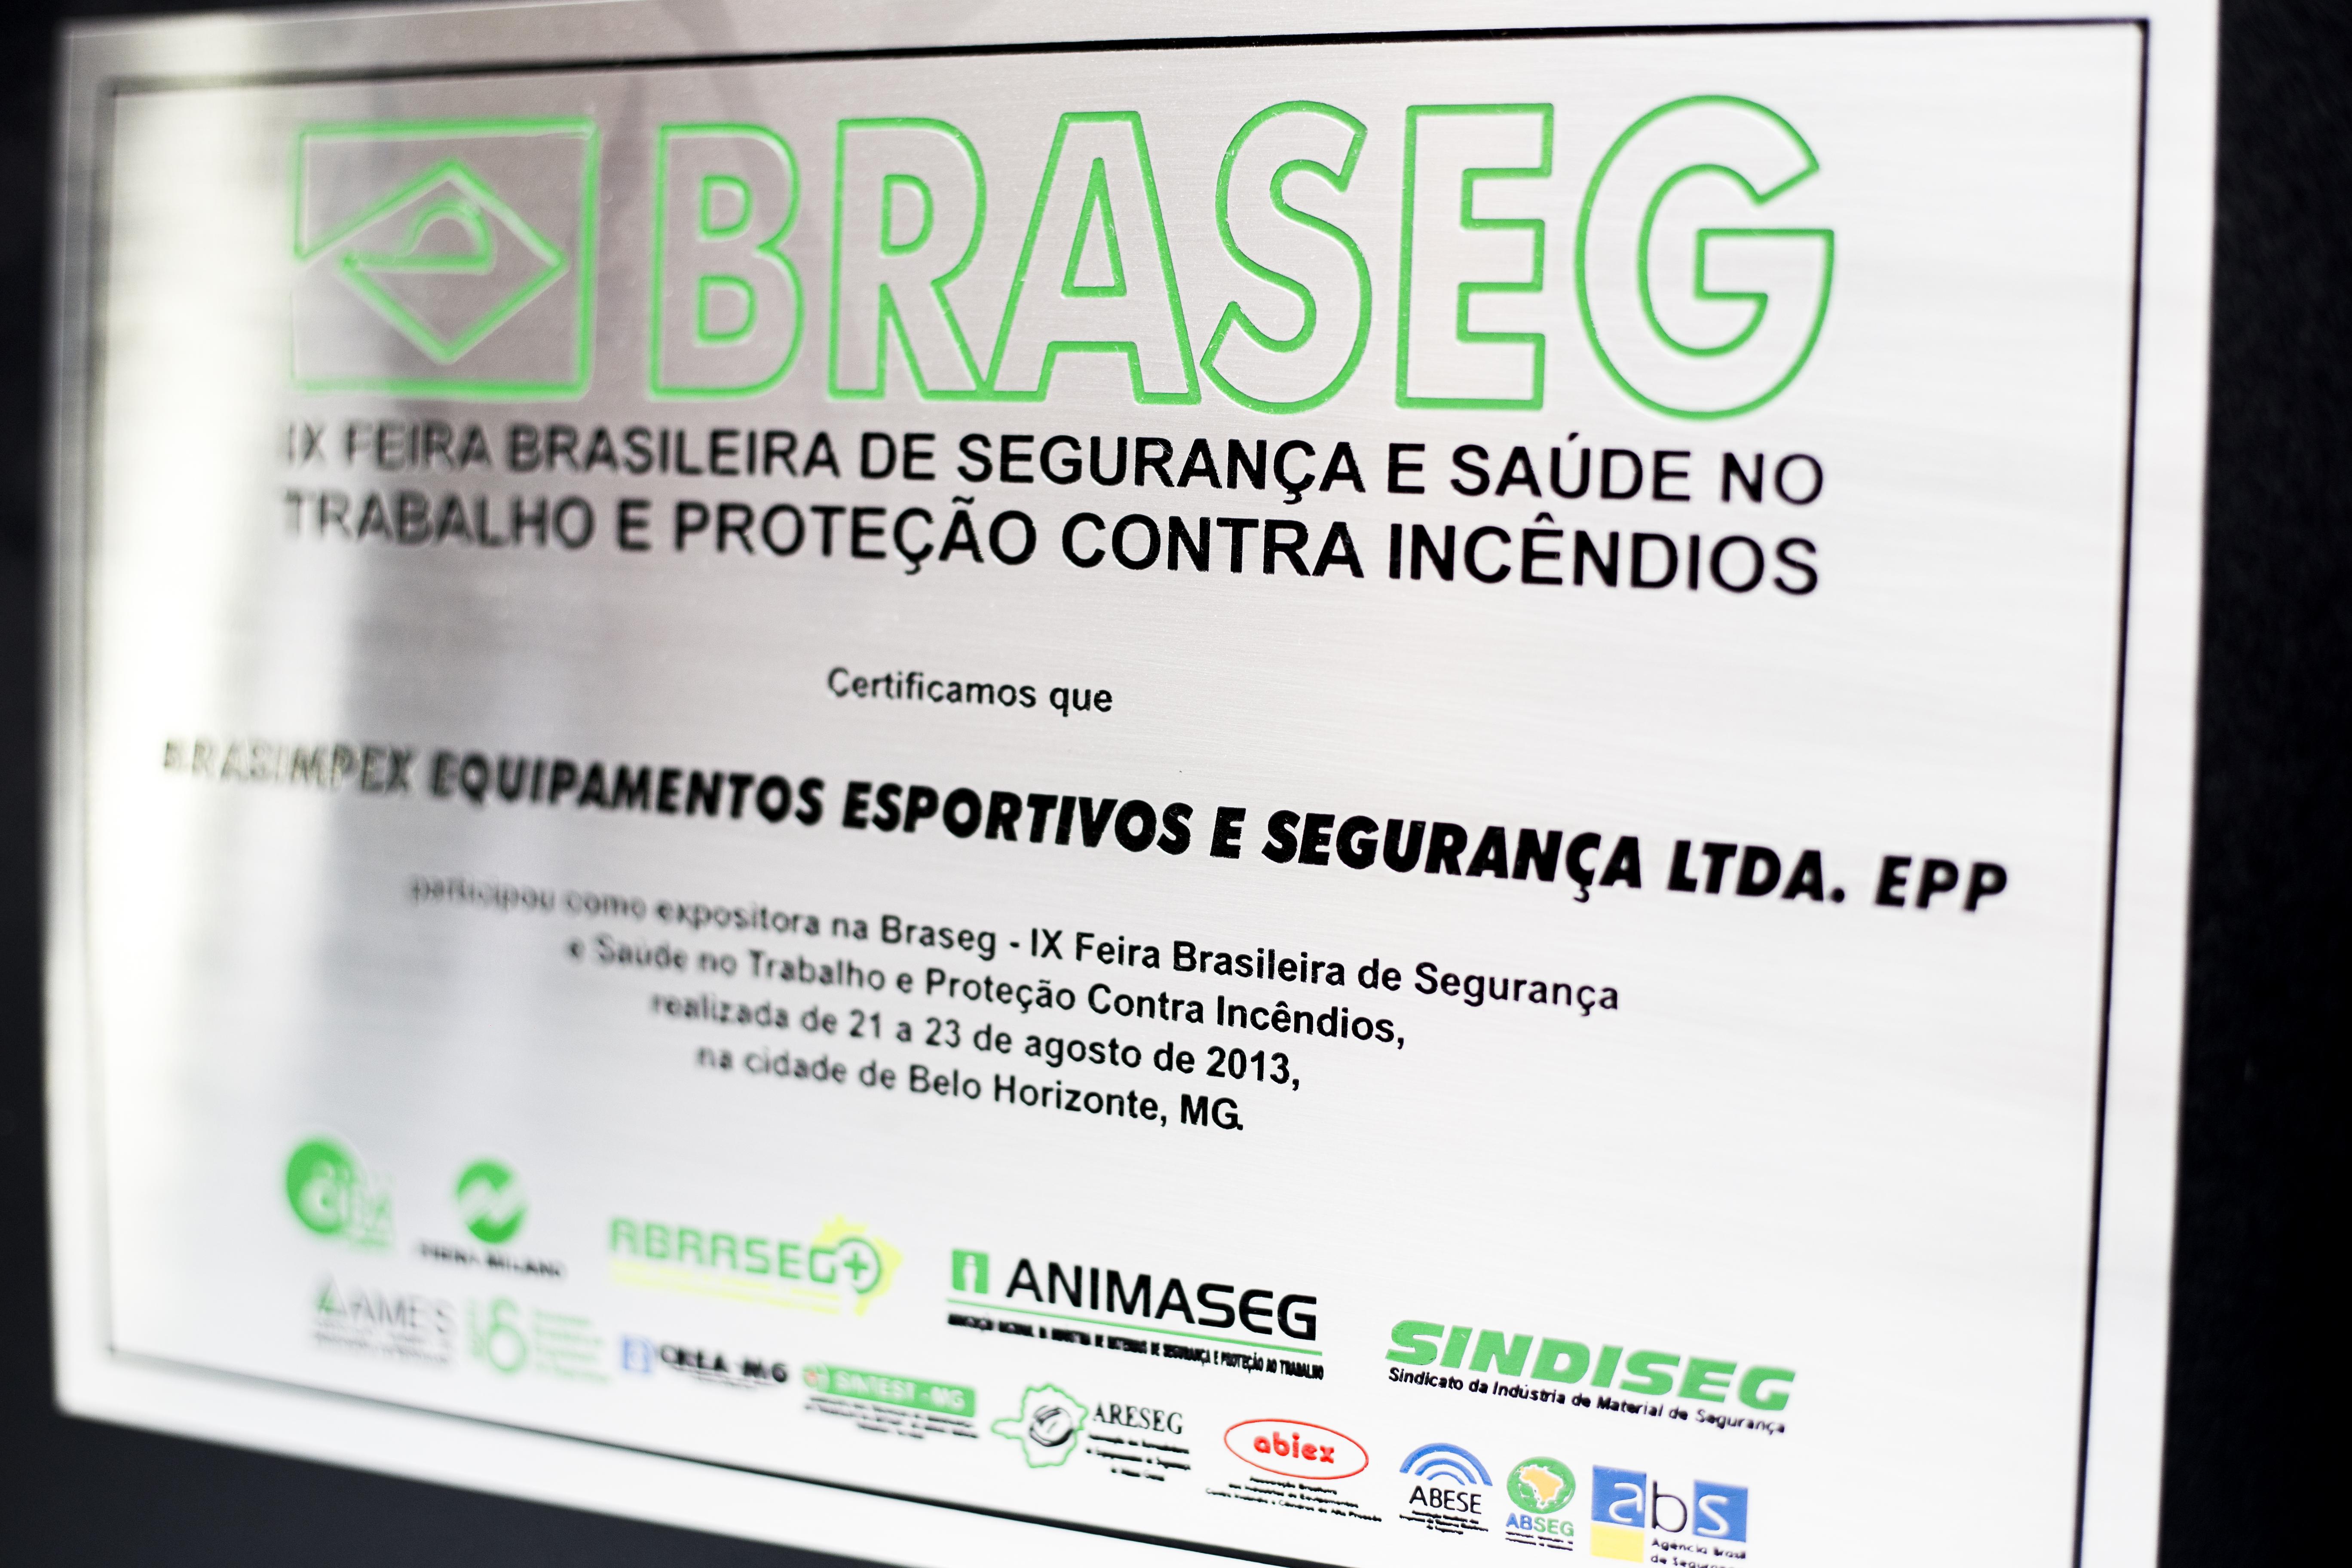 aac76020dc412 Brasimpex   Brasimpex - A Tecnologia em ação